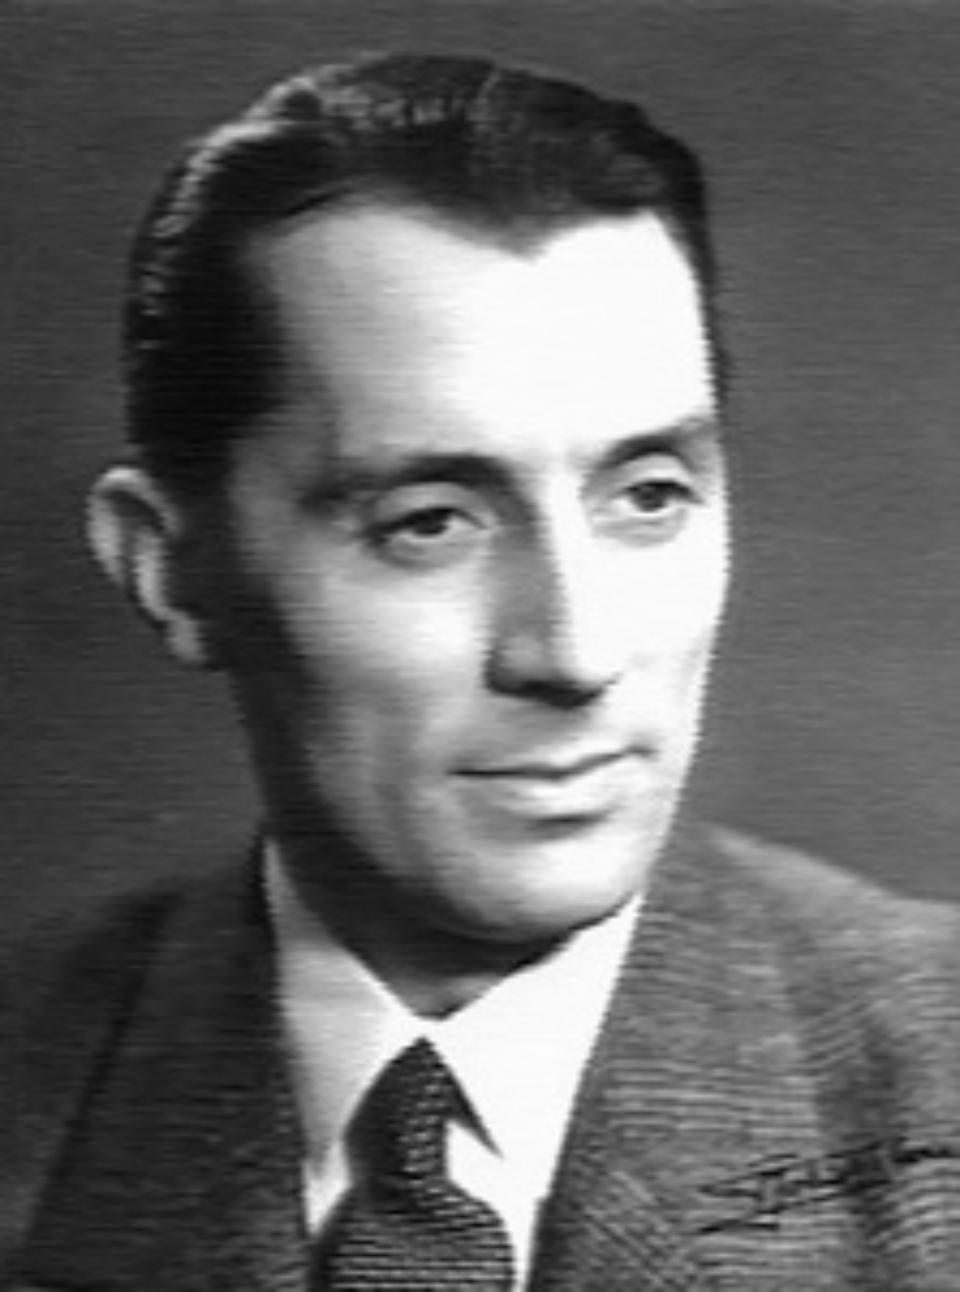 Frédéric Joliot-Curie